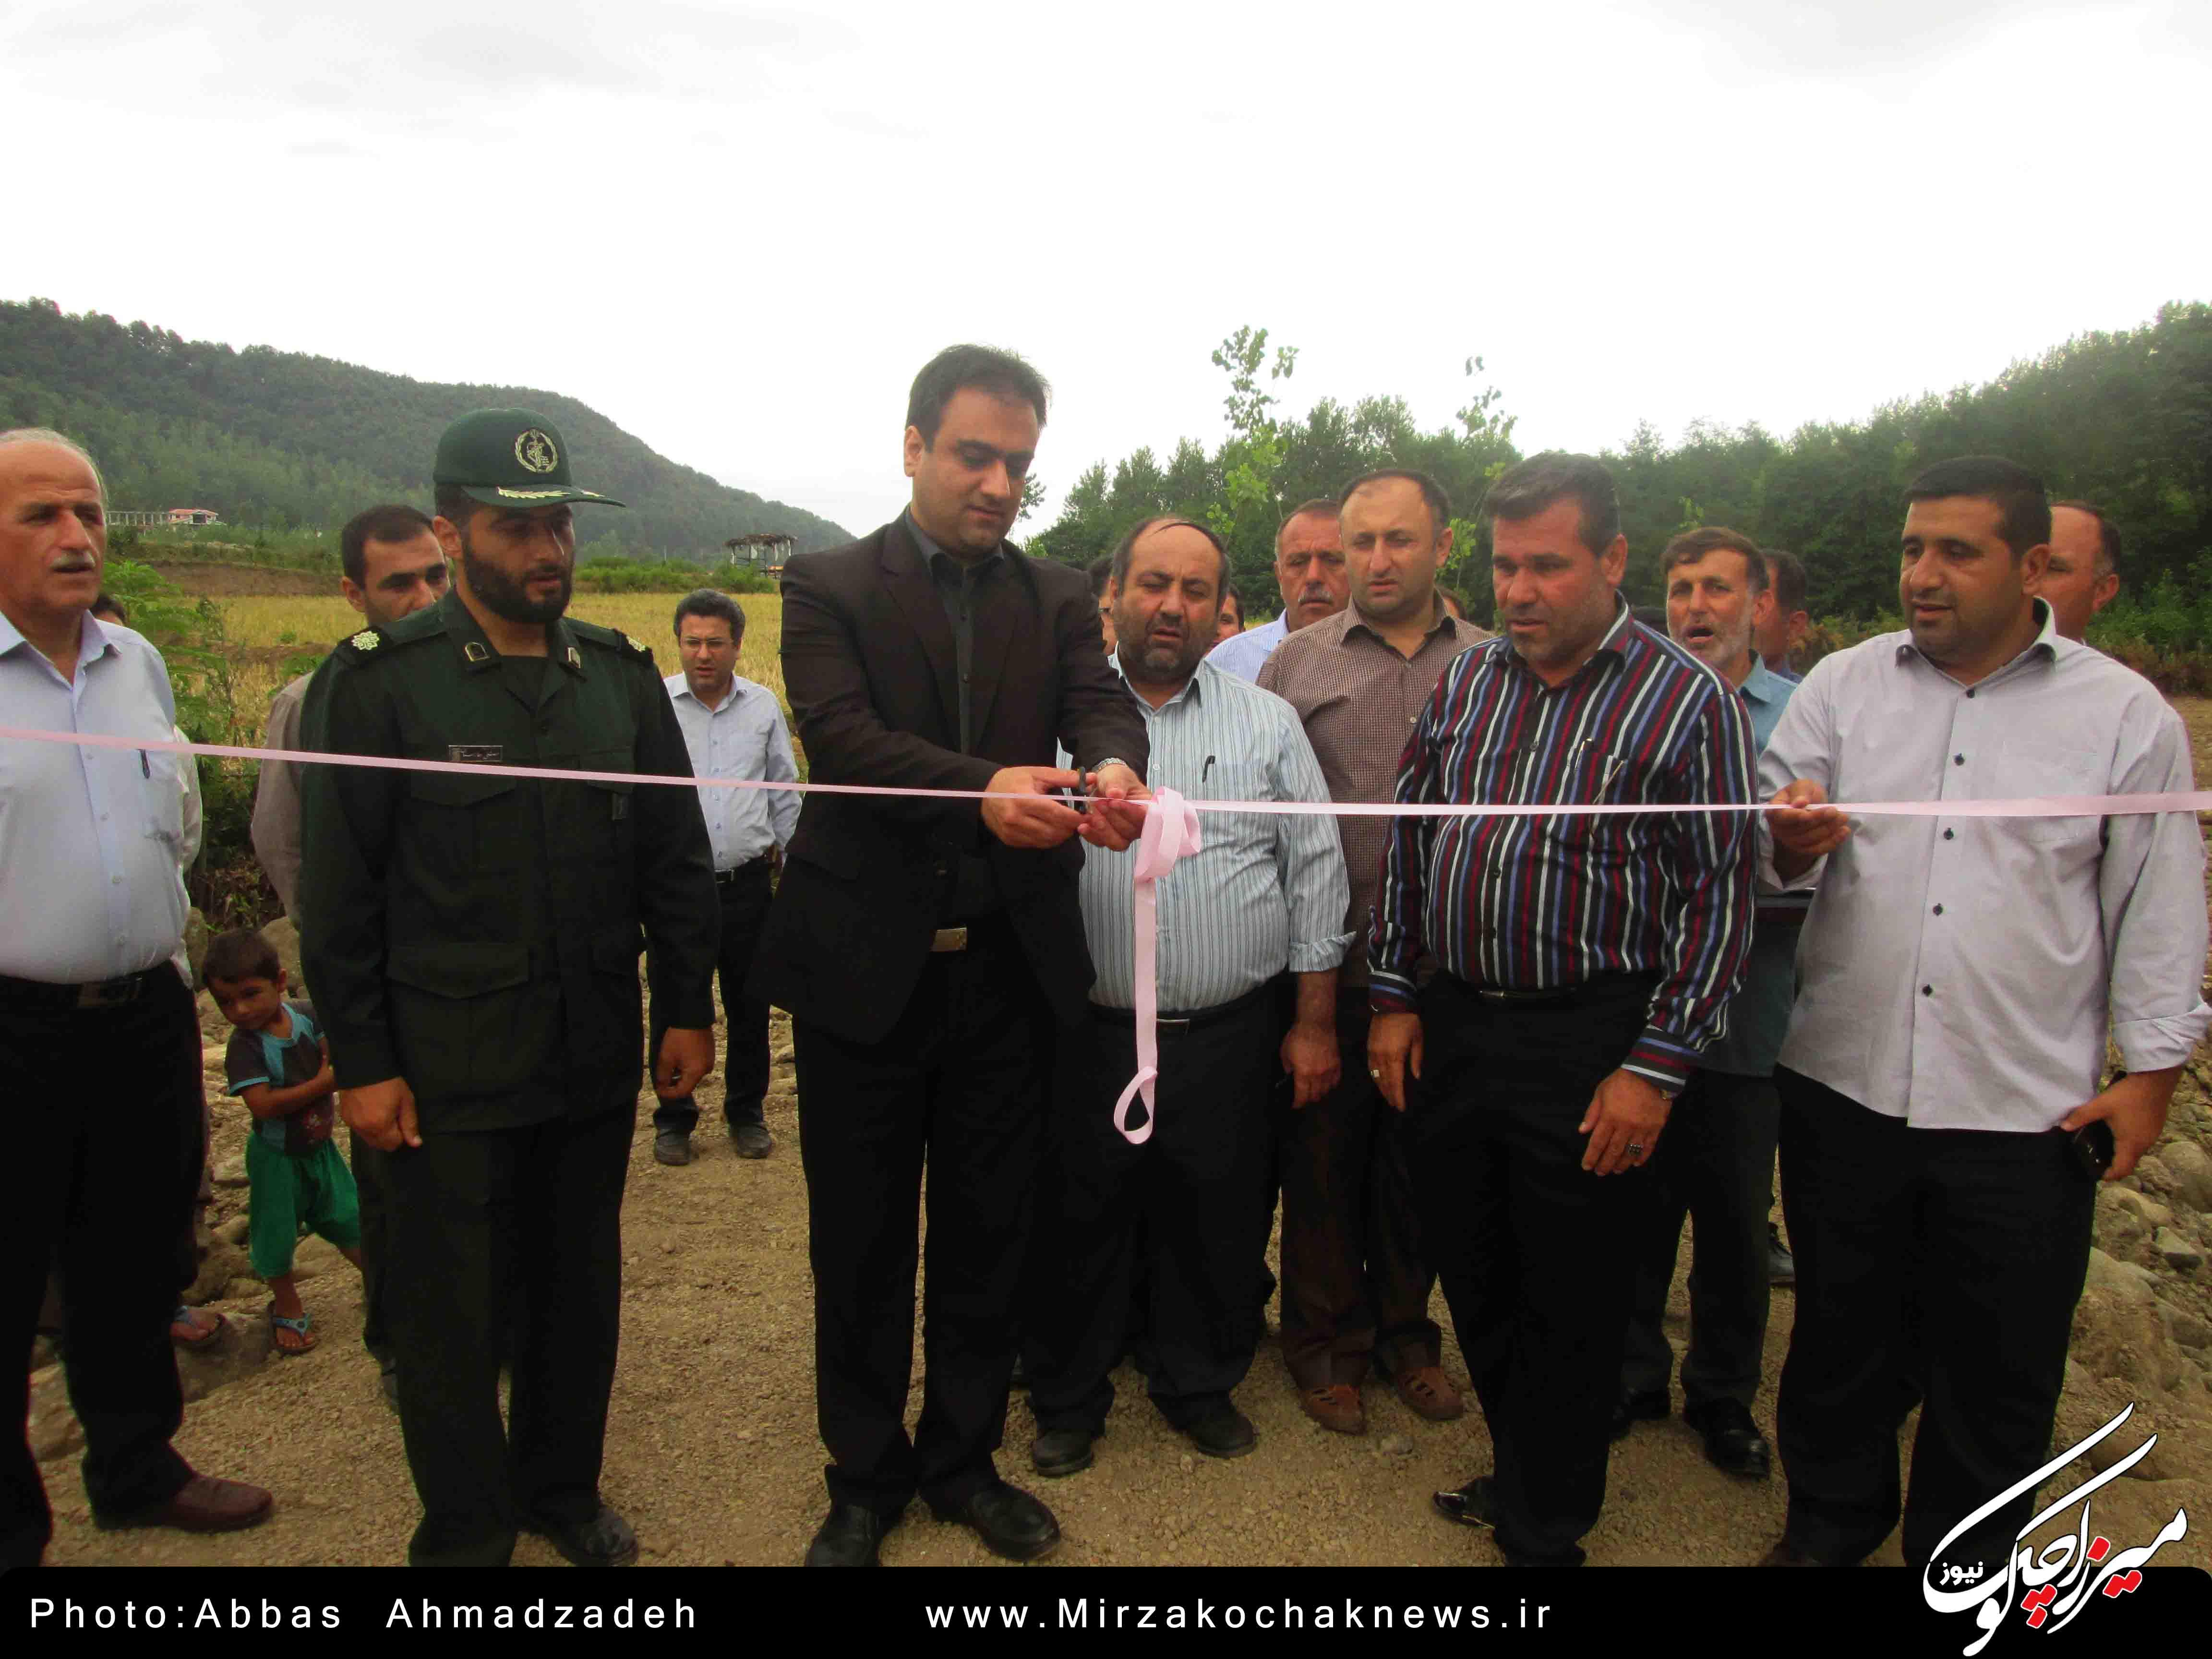 افتتاح دو پروژه عمرانی بخشداری میرزاکوچک